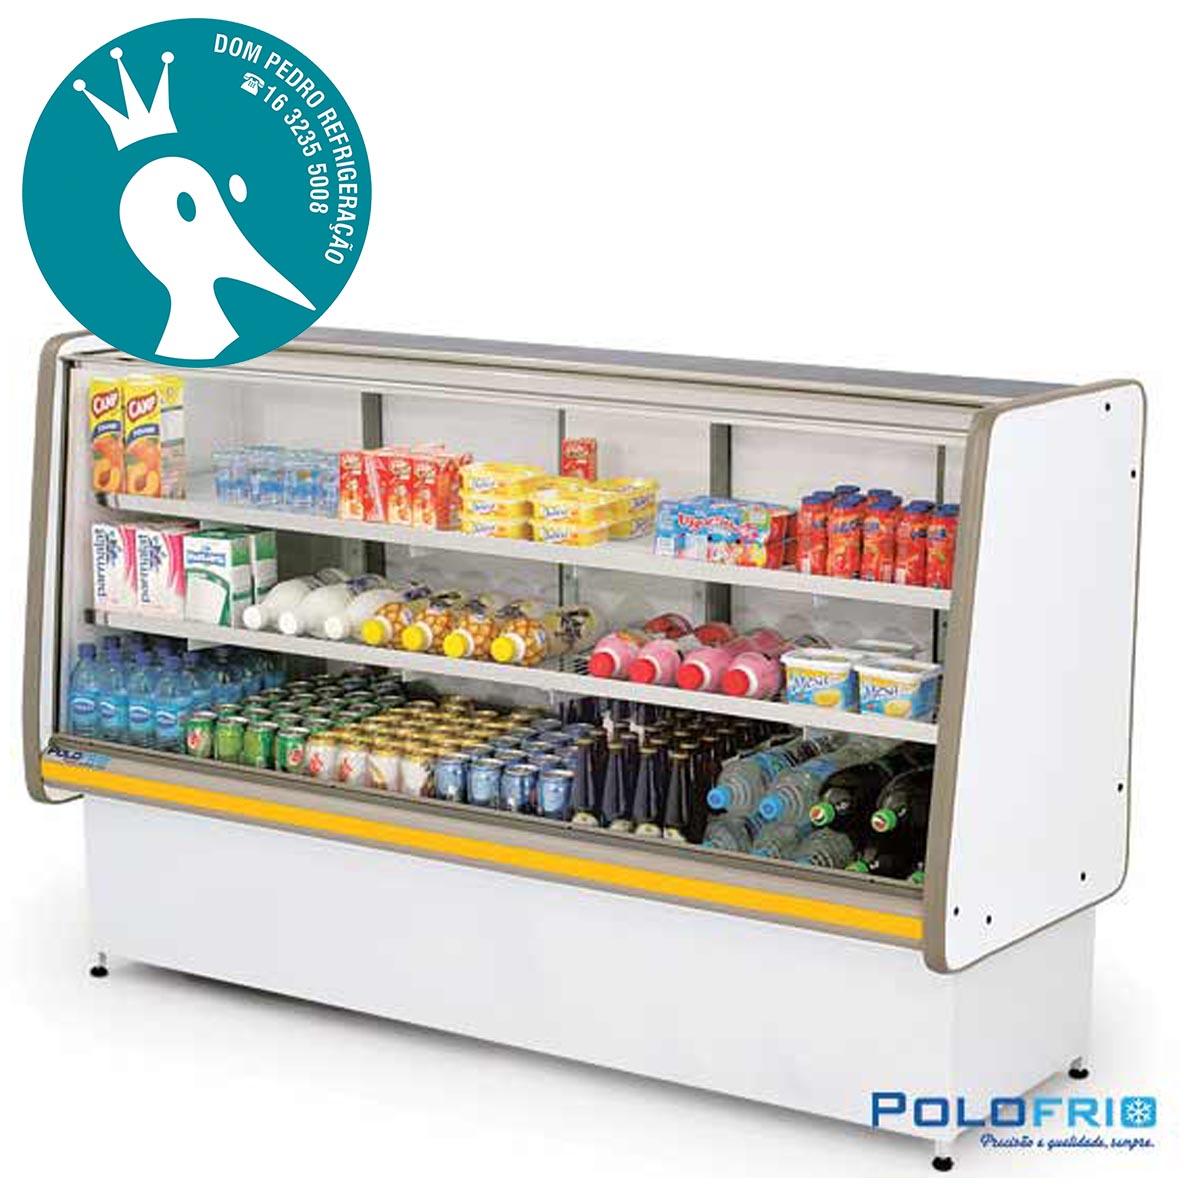 Balcão Refrigerado Pop Luxo Vidro Reto 1,25 - Polofrio